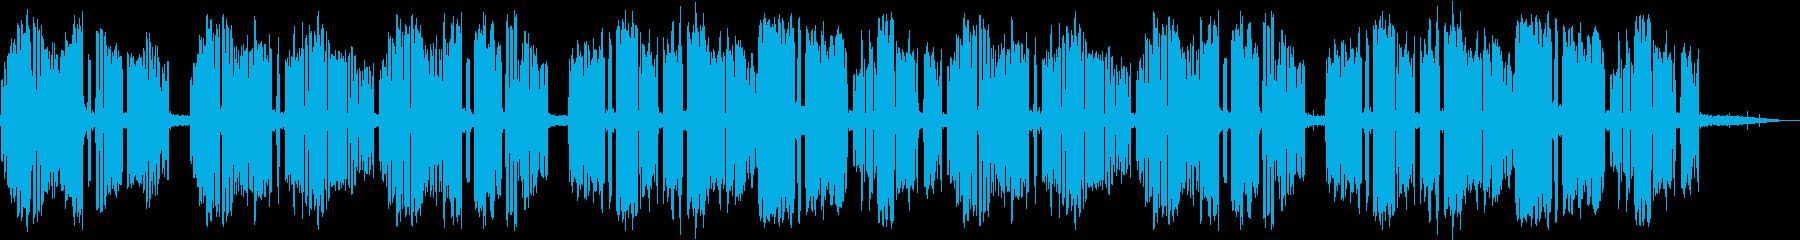 古い・ラジオ・ピエロ・道化・演劇・中世の再生済みの波形